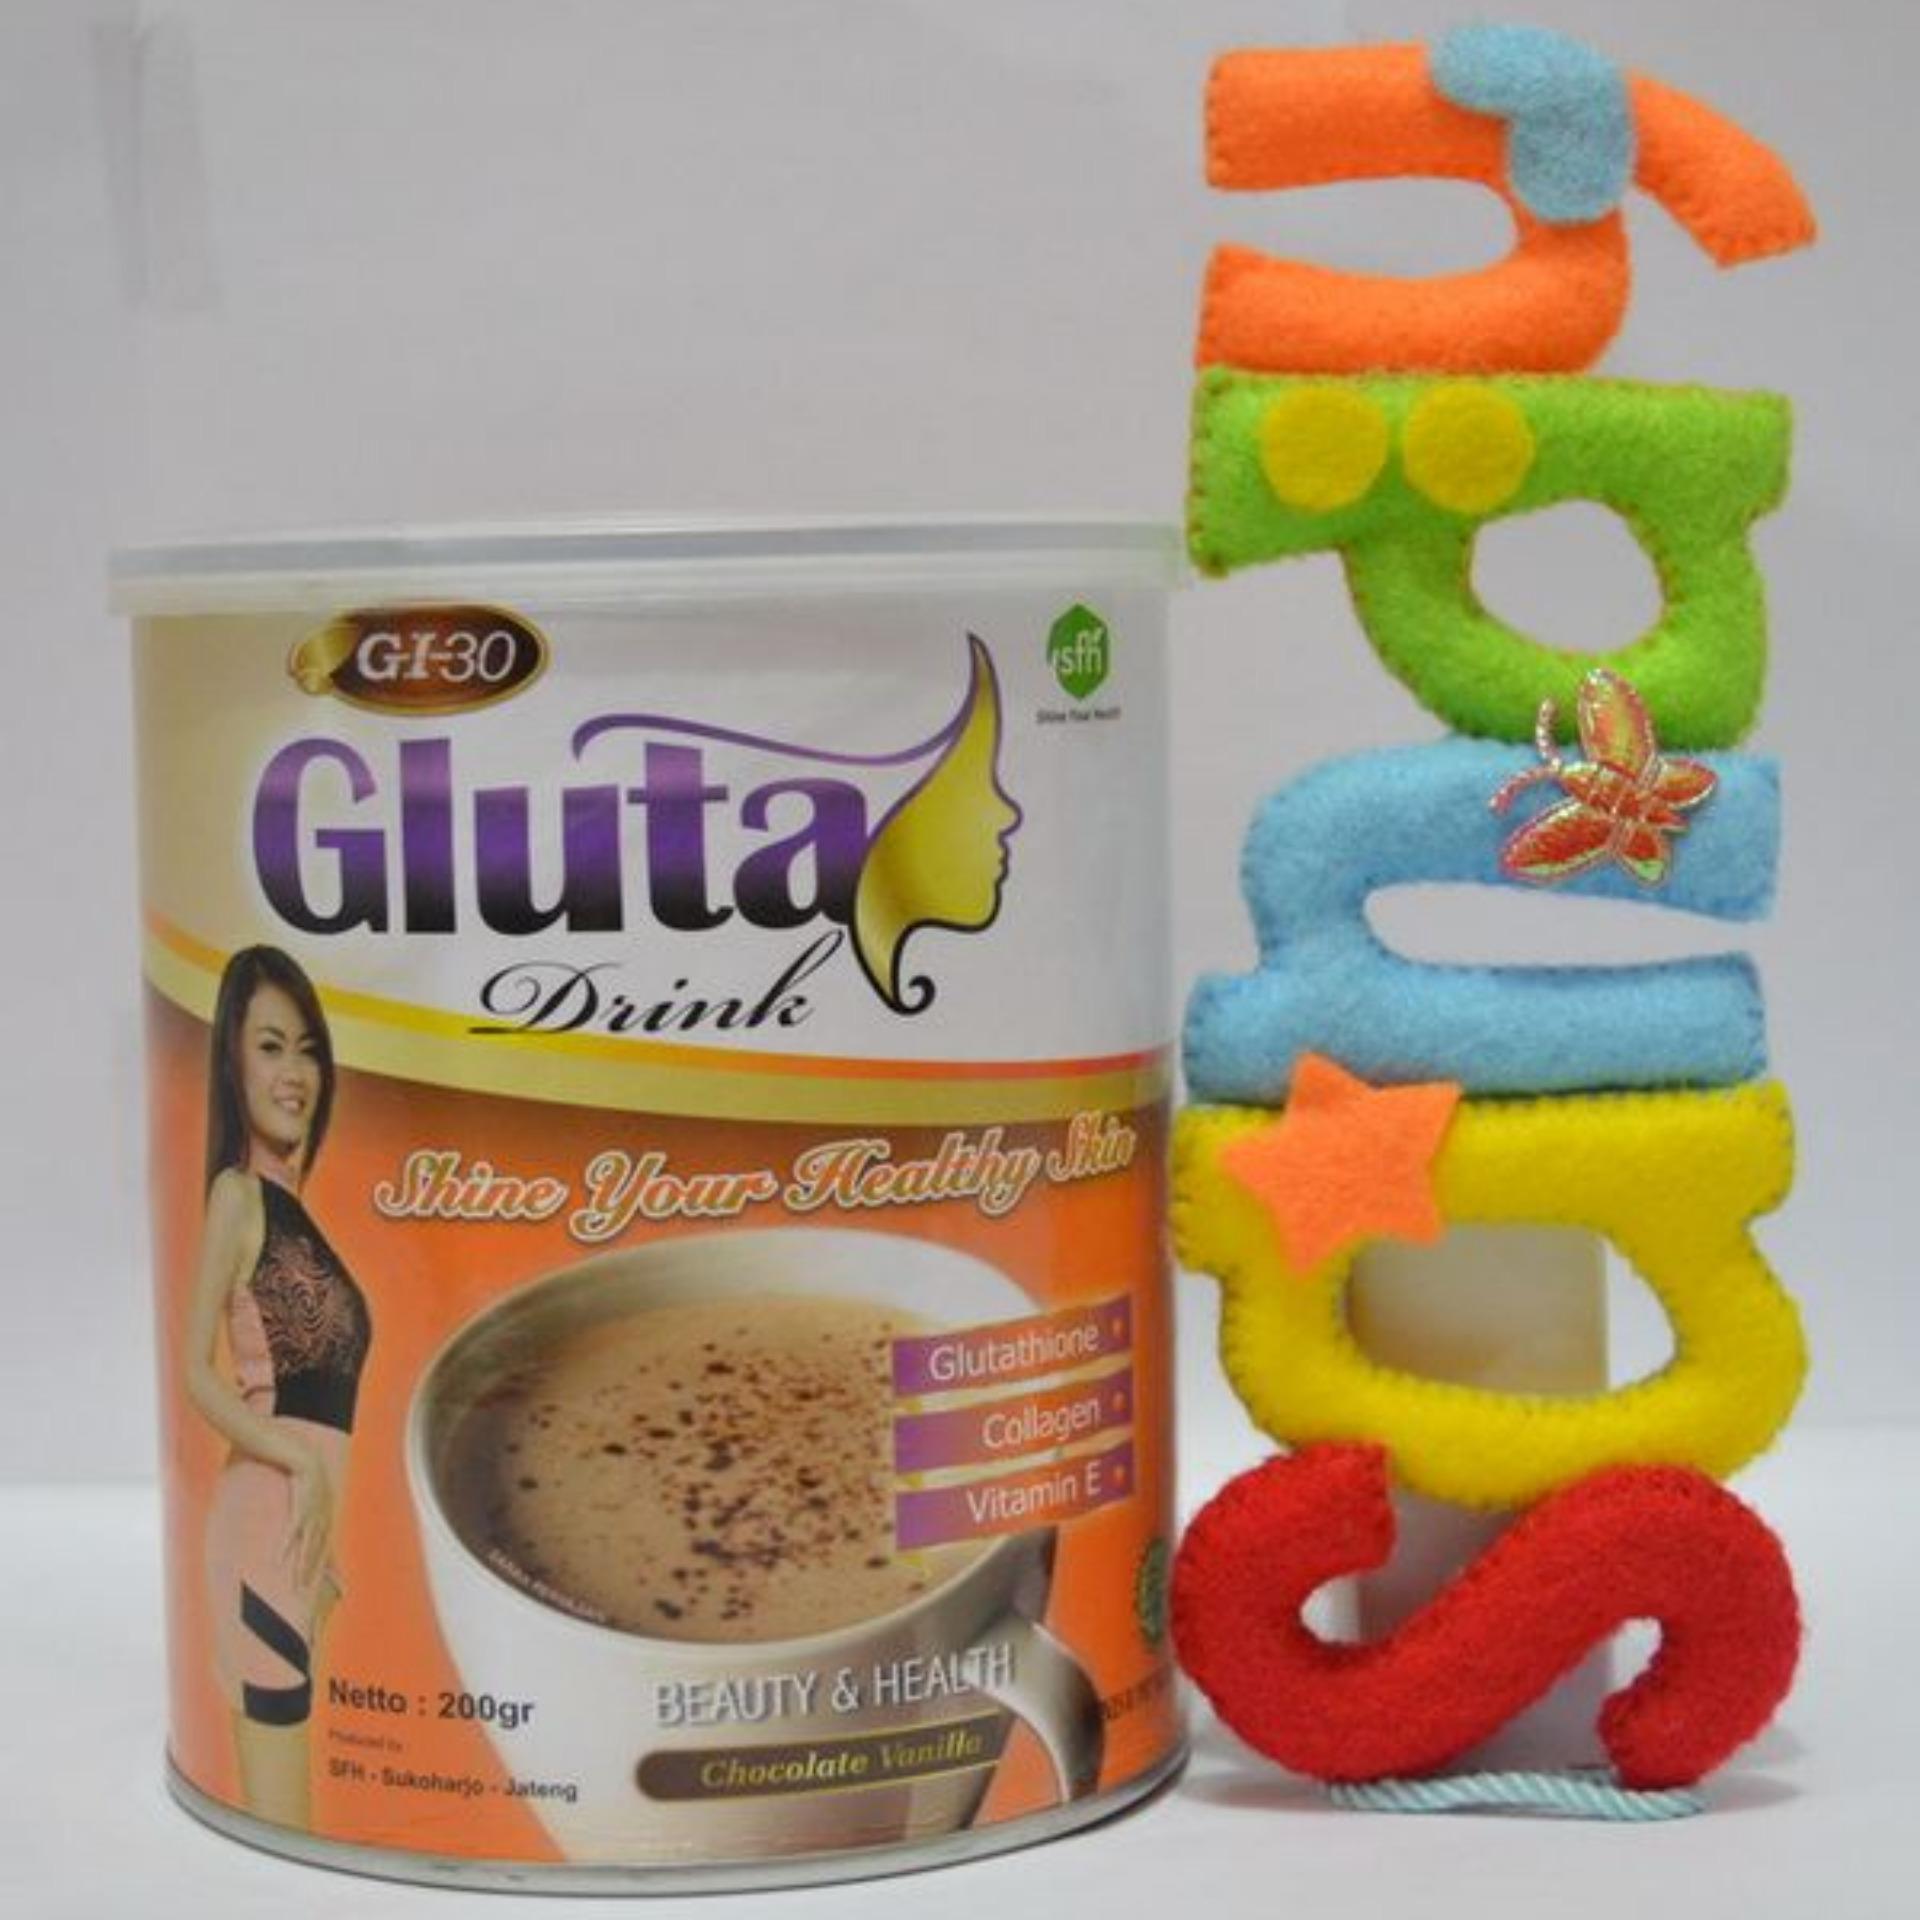 Pencari Harga Gluta Drink ~ Susu Gluta ~ Minuman L-Glutathione terbaik murah - Hanya Rp36.822